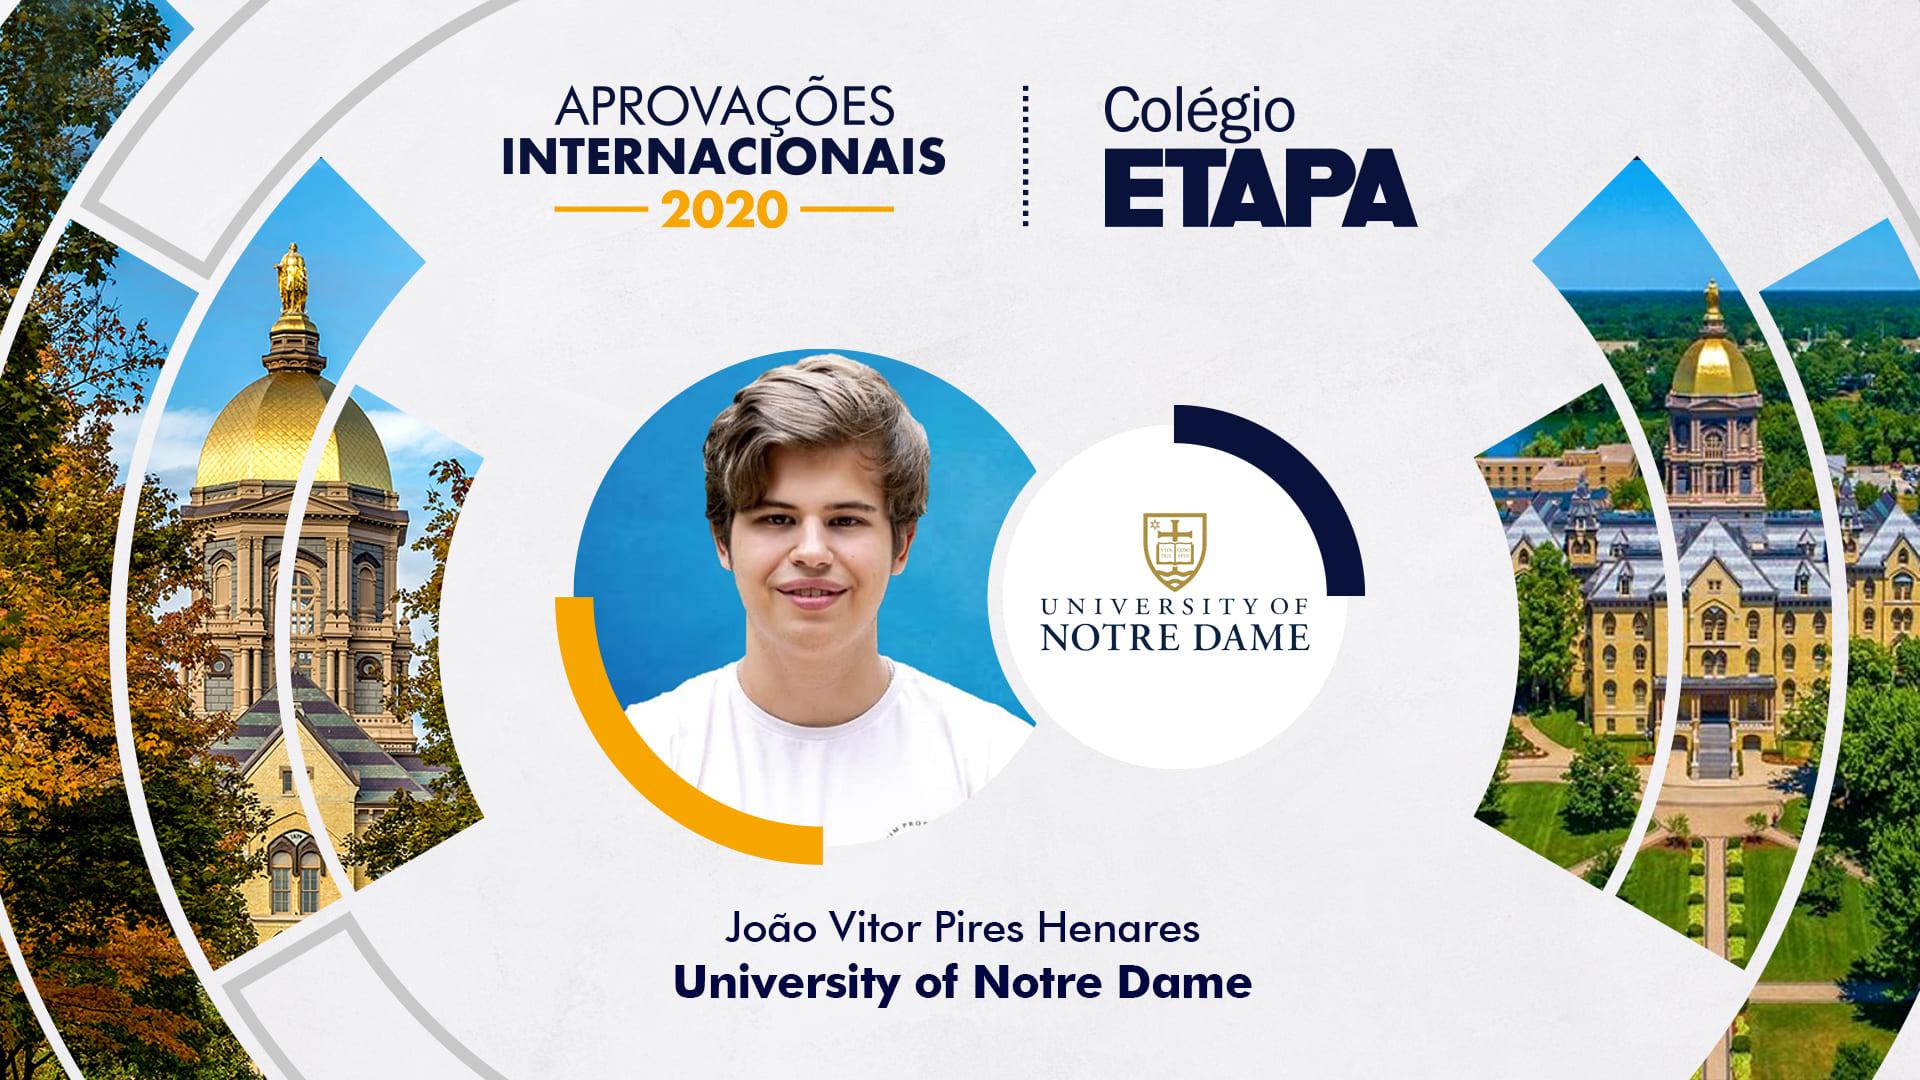 Aprovações Internacionais 2020: João Vitor Pires Henares